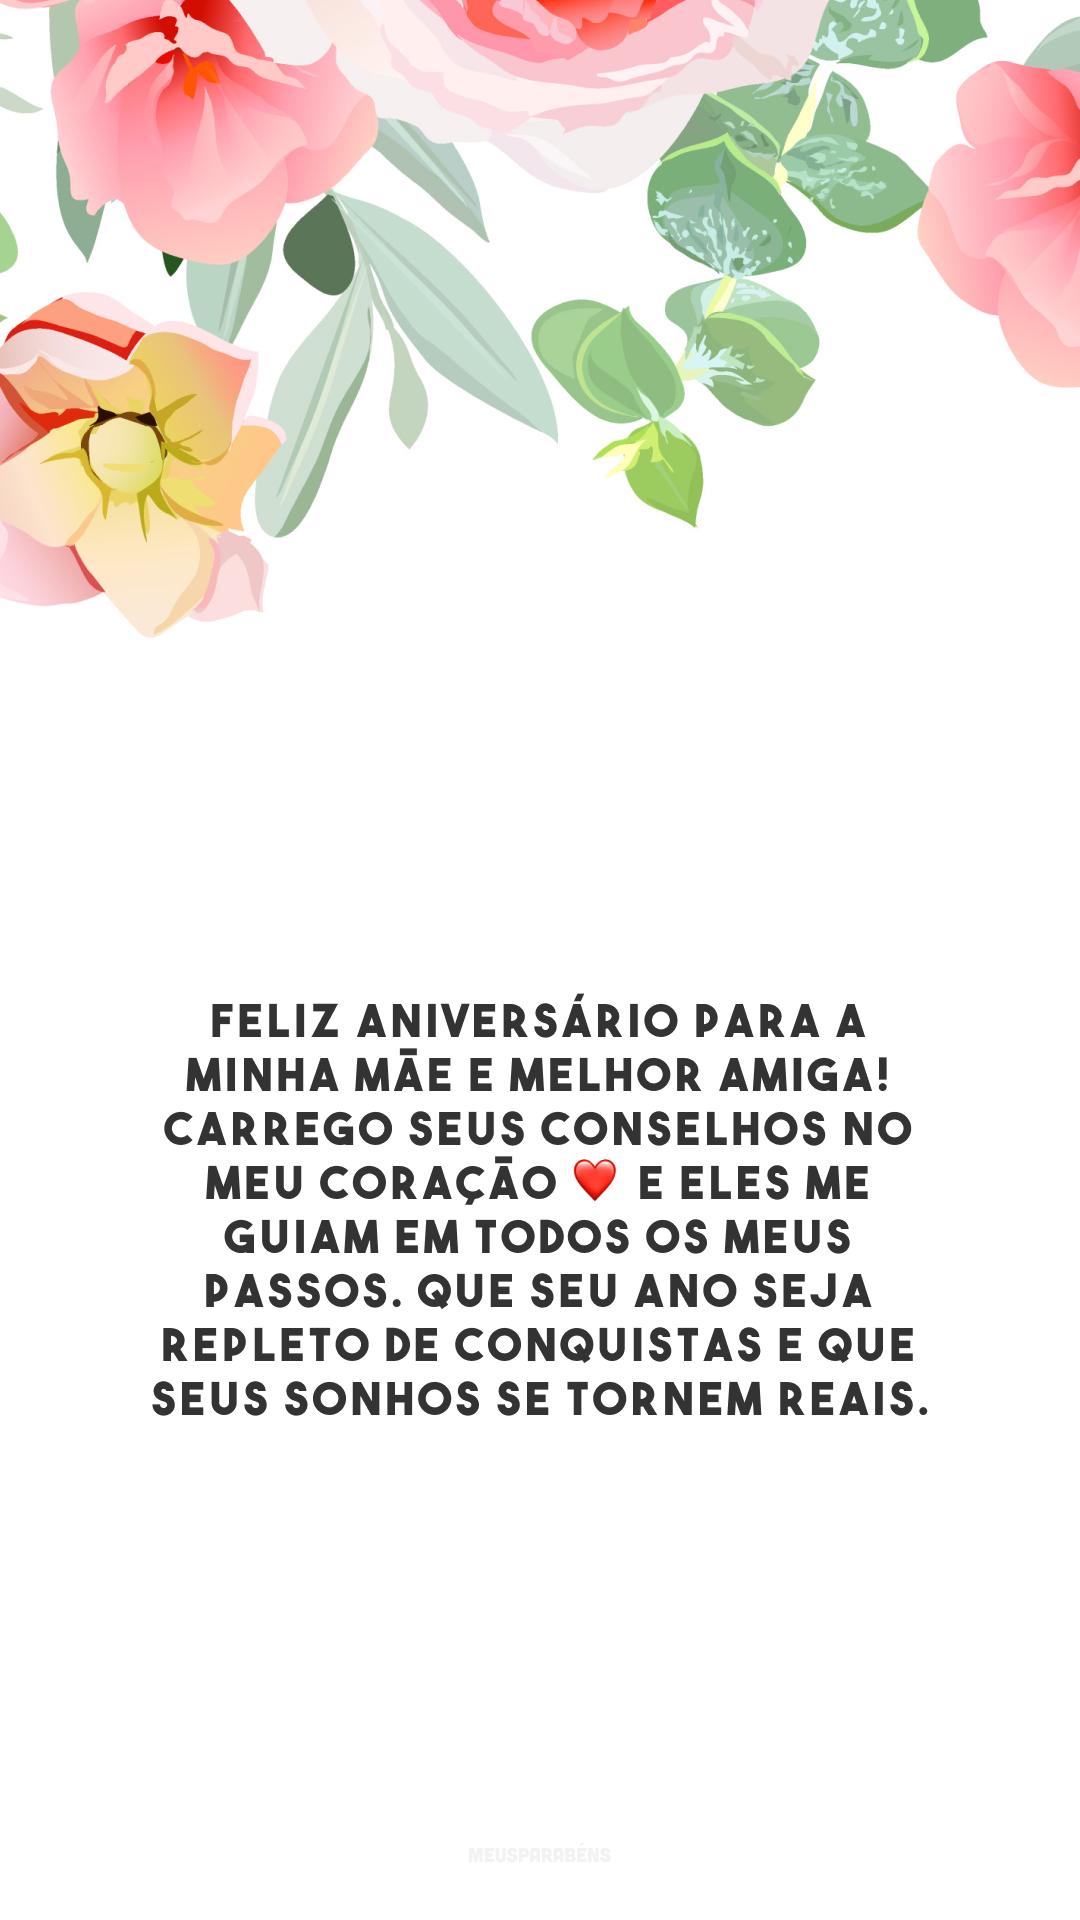 Feliz aniversário para a minha mãe e melhor amiga! Carrego seus conselhos no meu coração ❤️ e eles me guiam em todos os meus passos. Que seu ano seja repleto de conquistas e que seus sonhos se tornem reais.